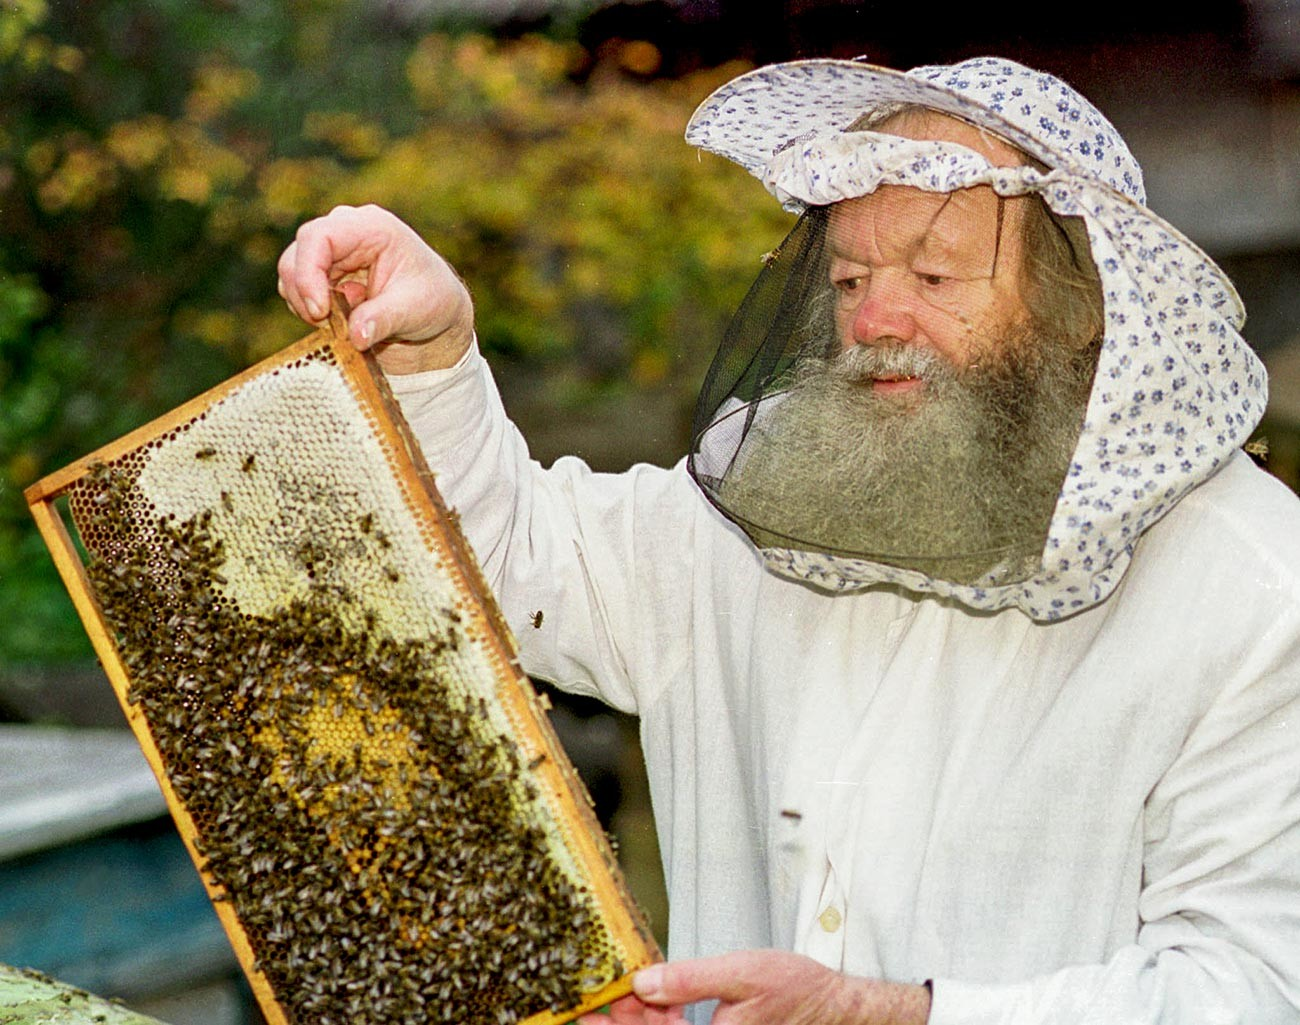 La producción de miel es una de las más antiguas artesanías rusas